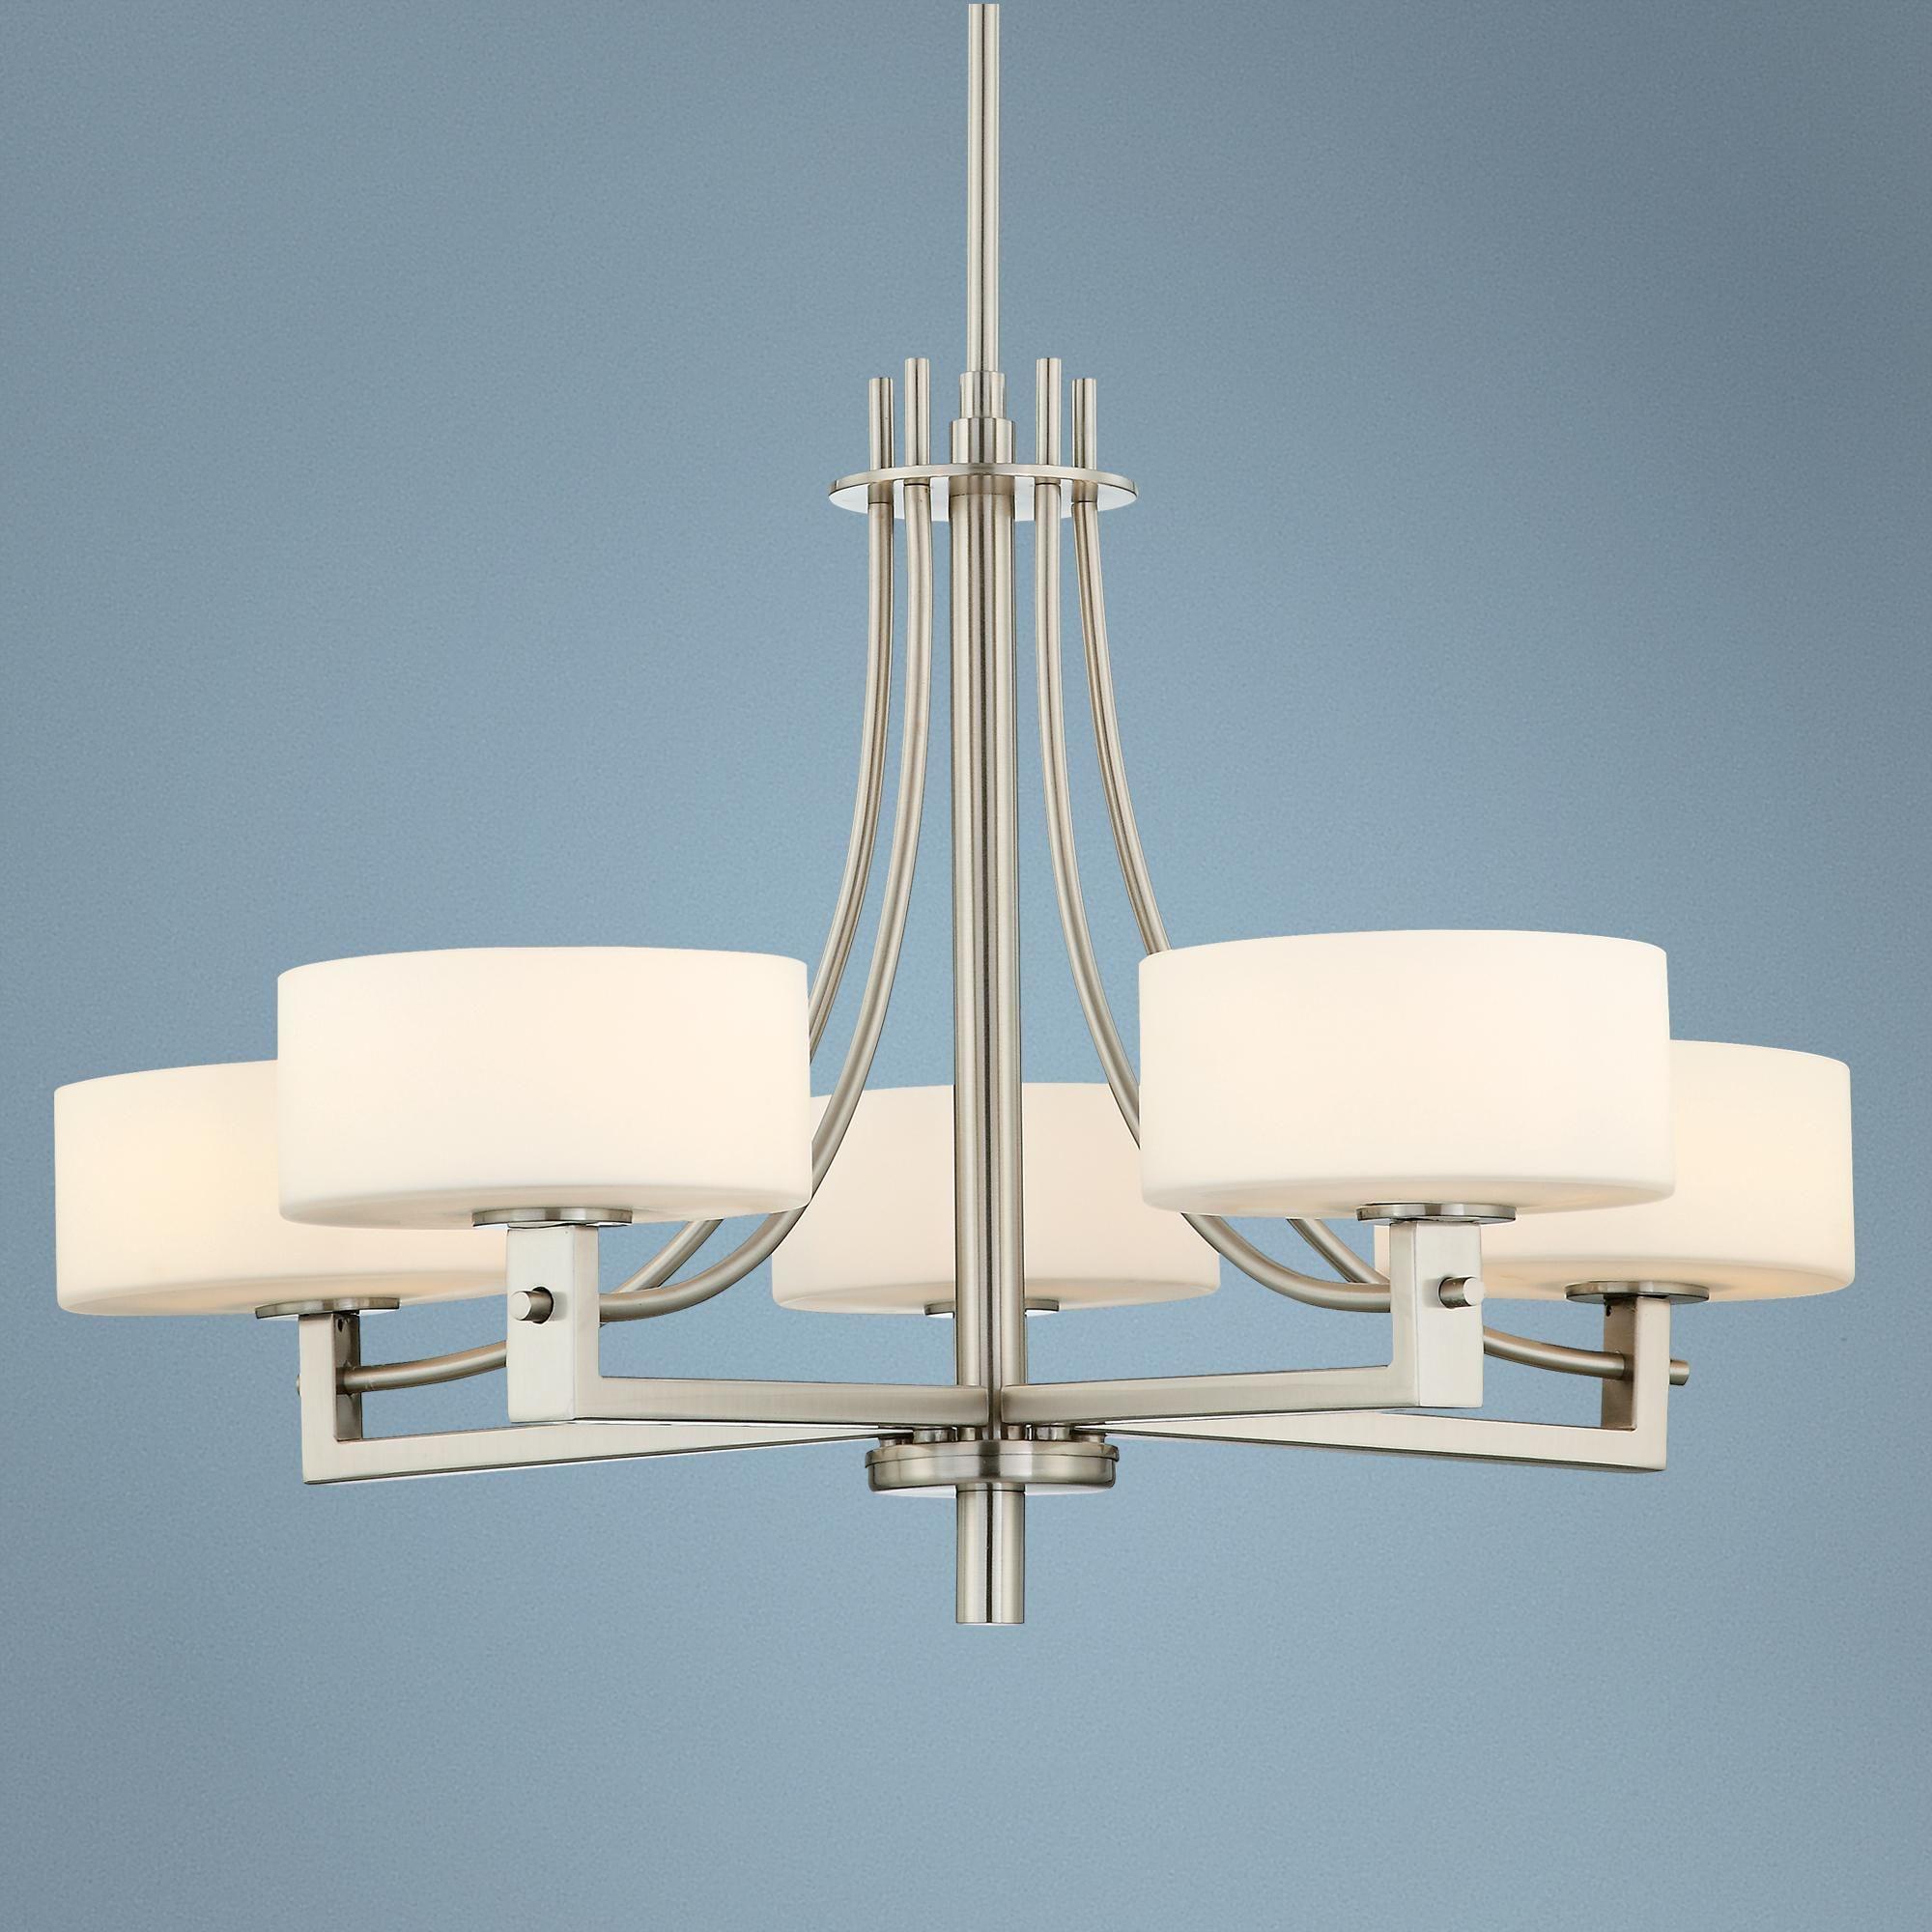 possini euro lighting. Euro Design Lighting. Possini Frosted White Glass 5-Light Chandelier Lighting P